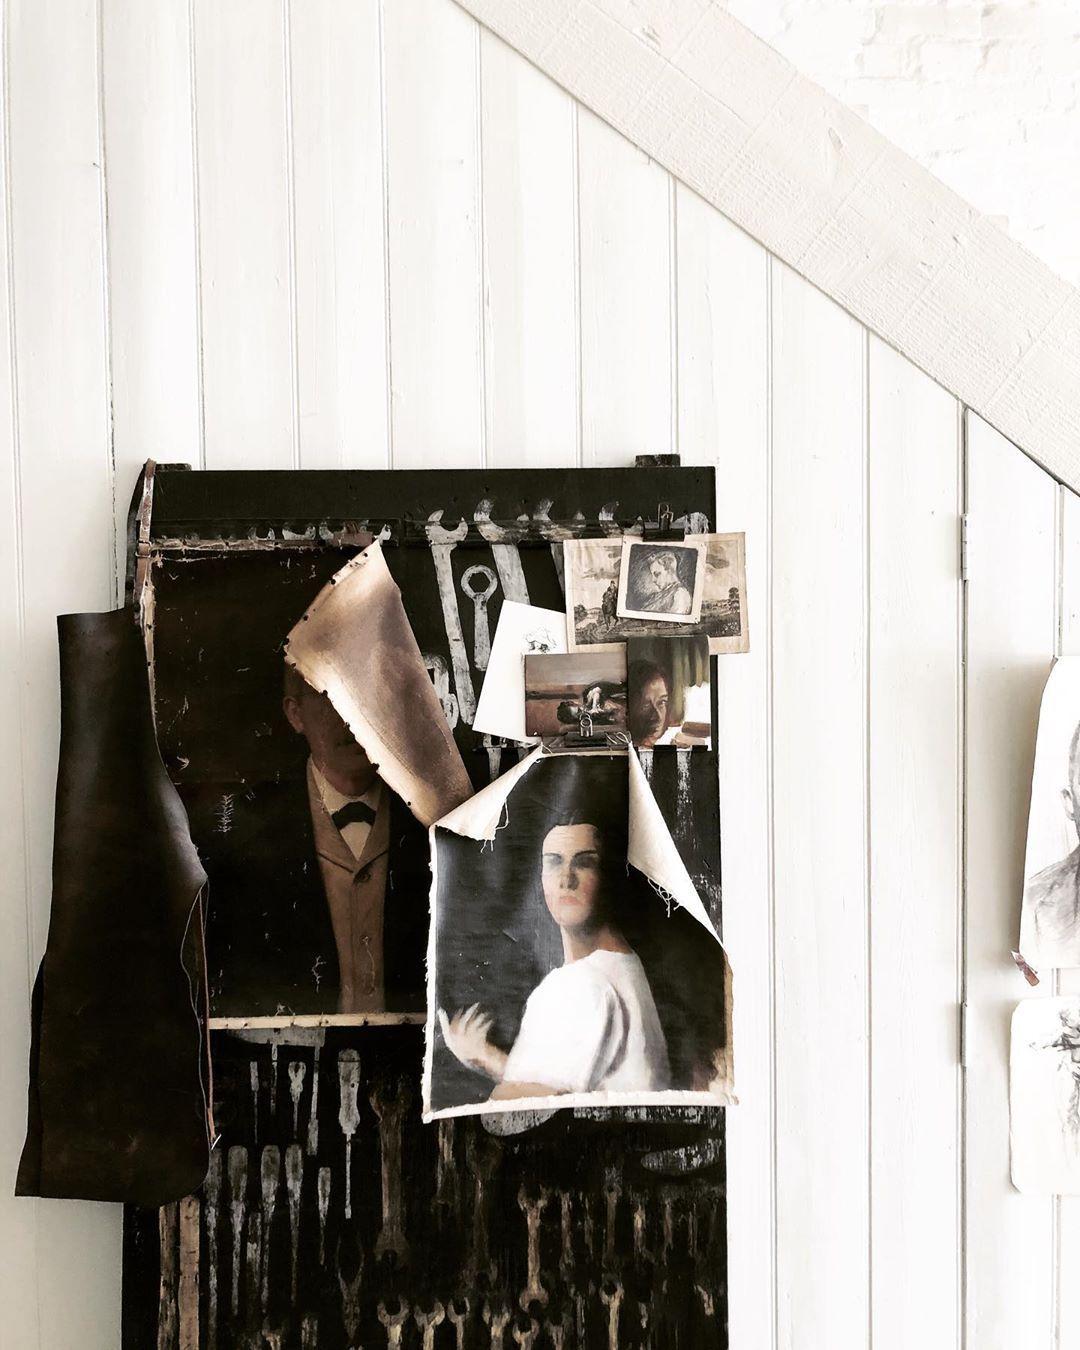 Lyndagardener On Instagram The Weekend Home In 2020 Instagram Weekend Polaroid Film